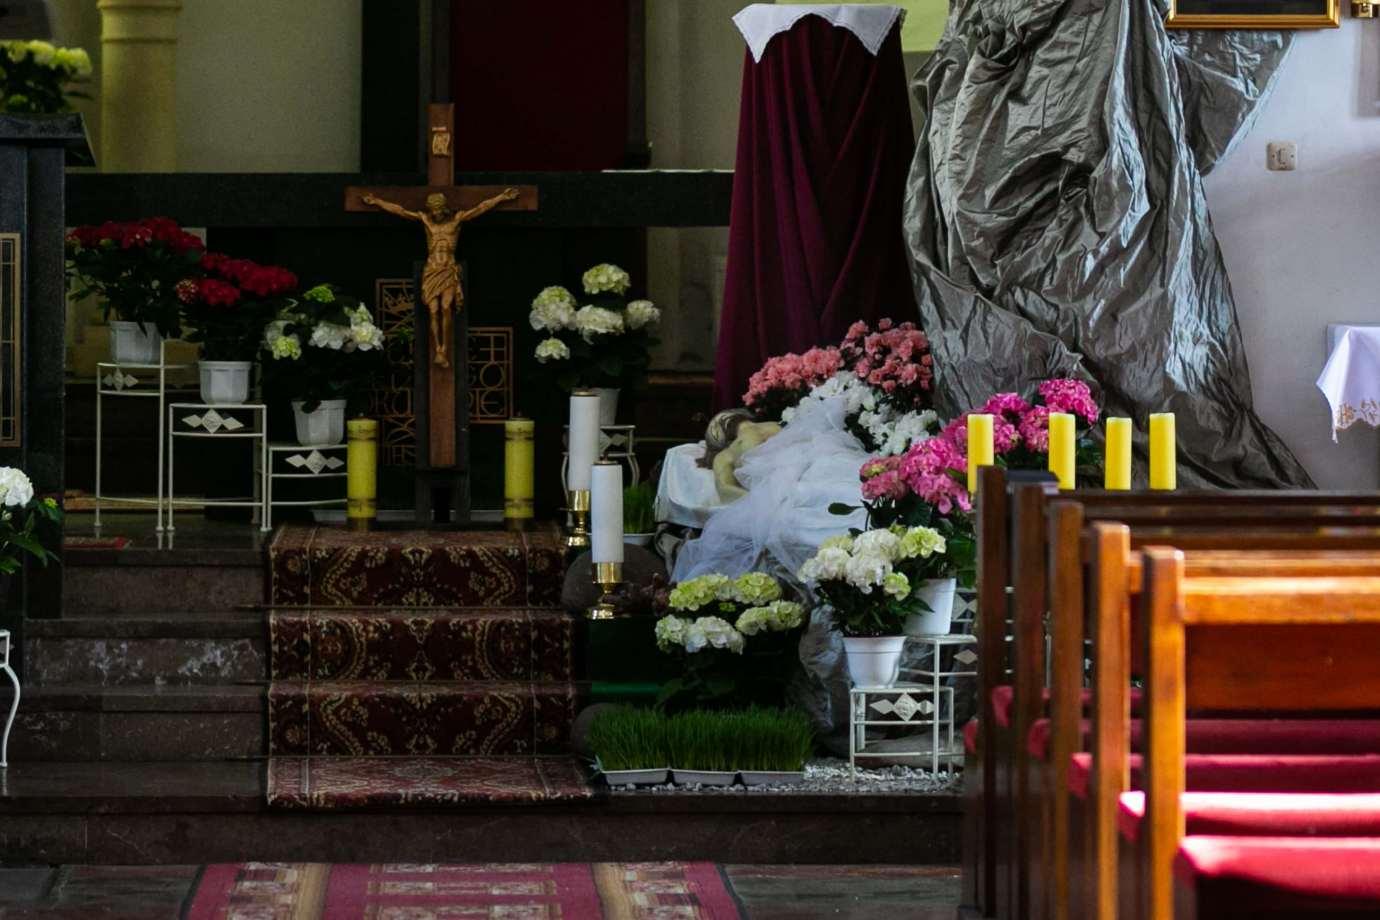 kosciol rektoralny redemptorystow pw sw mikolaja w zamosciu 3a Zdjęcia grobów pańskich w zamojskich świątyniach